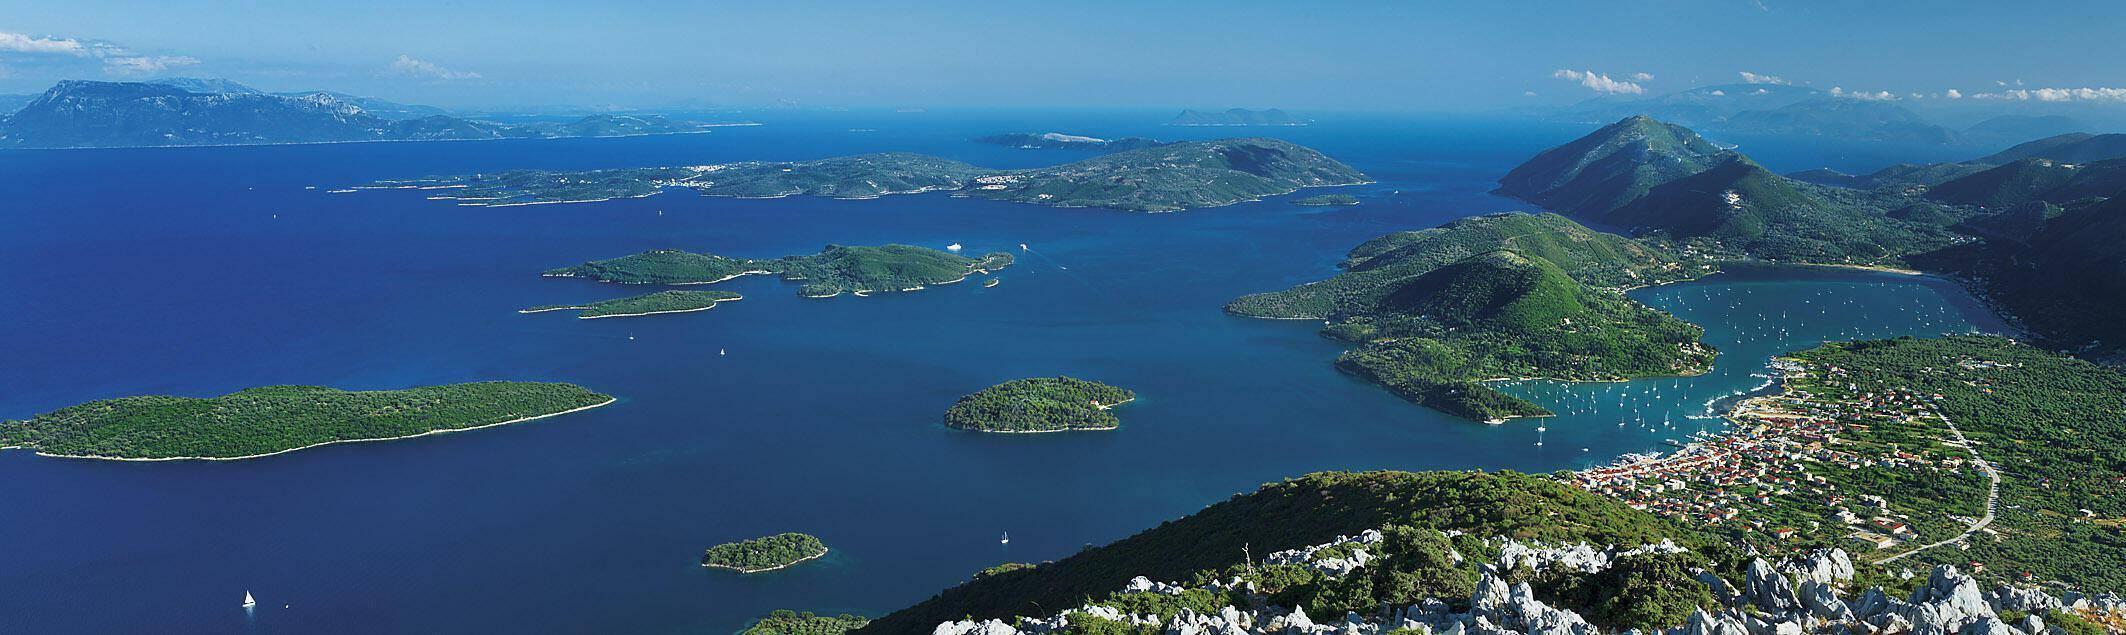 http://fractalart.gr/wp-content/uploads/2014/05/Meganissi_archipelago.jpg